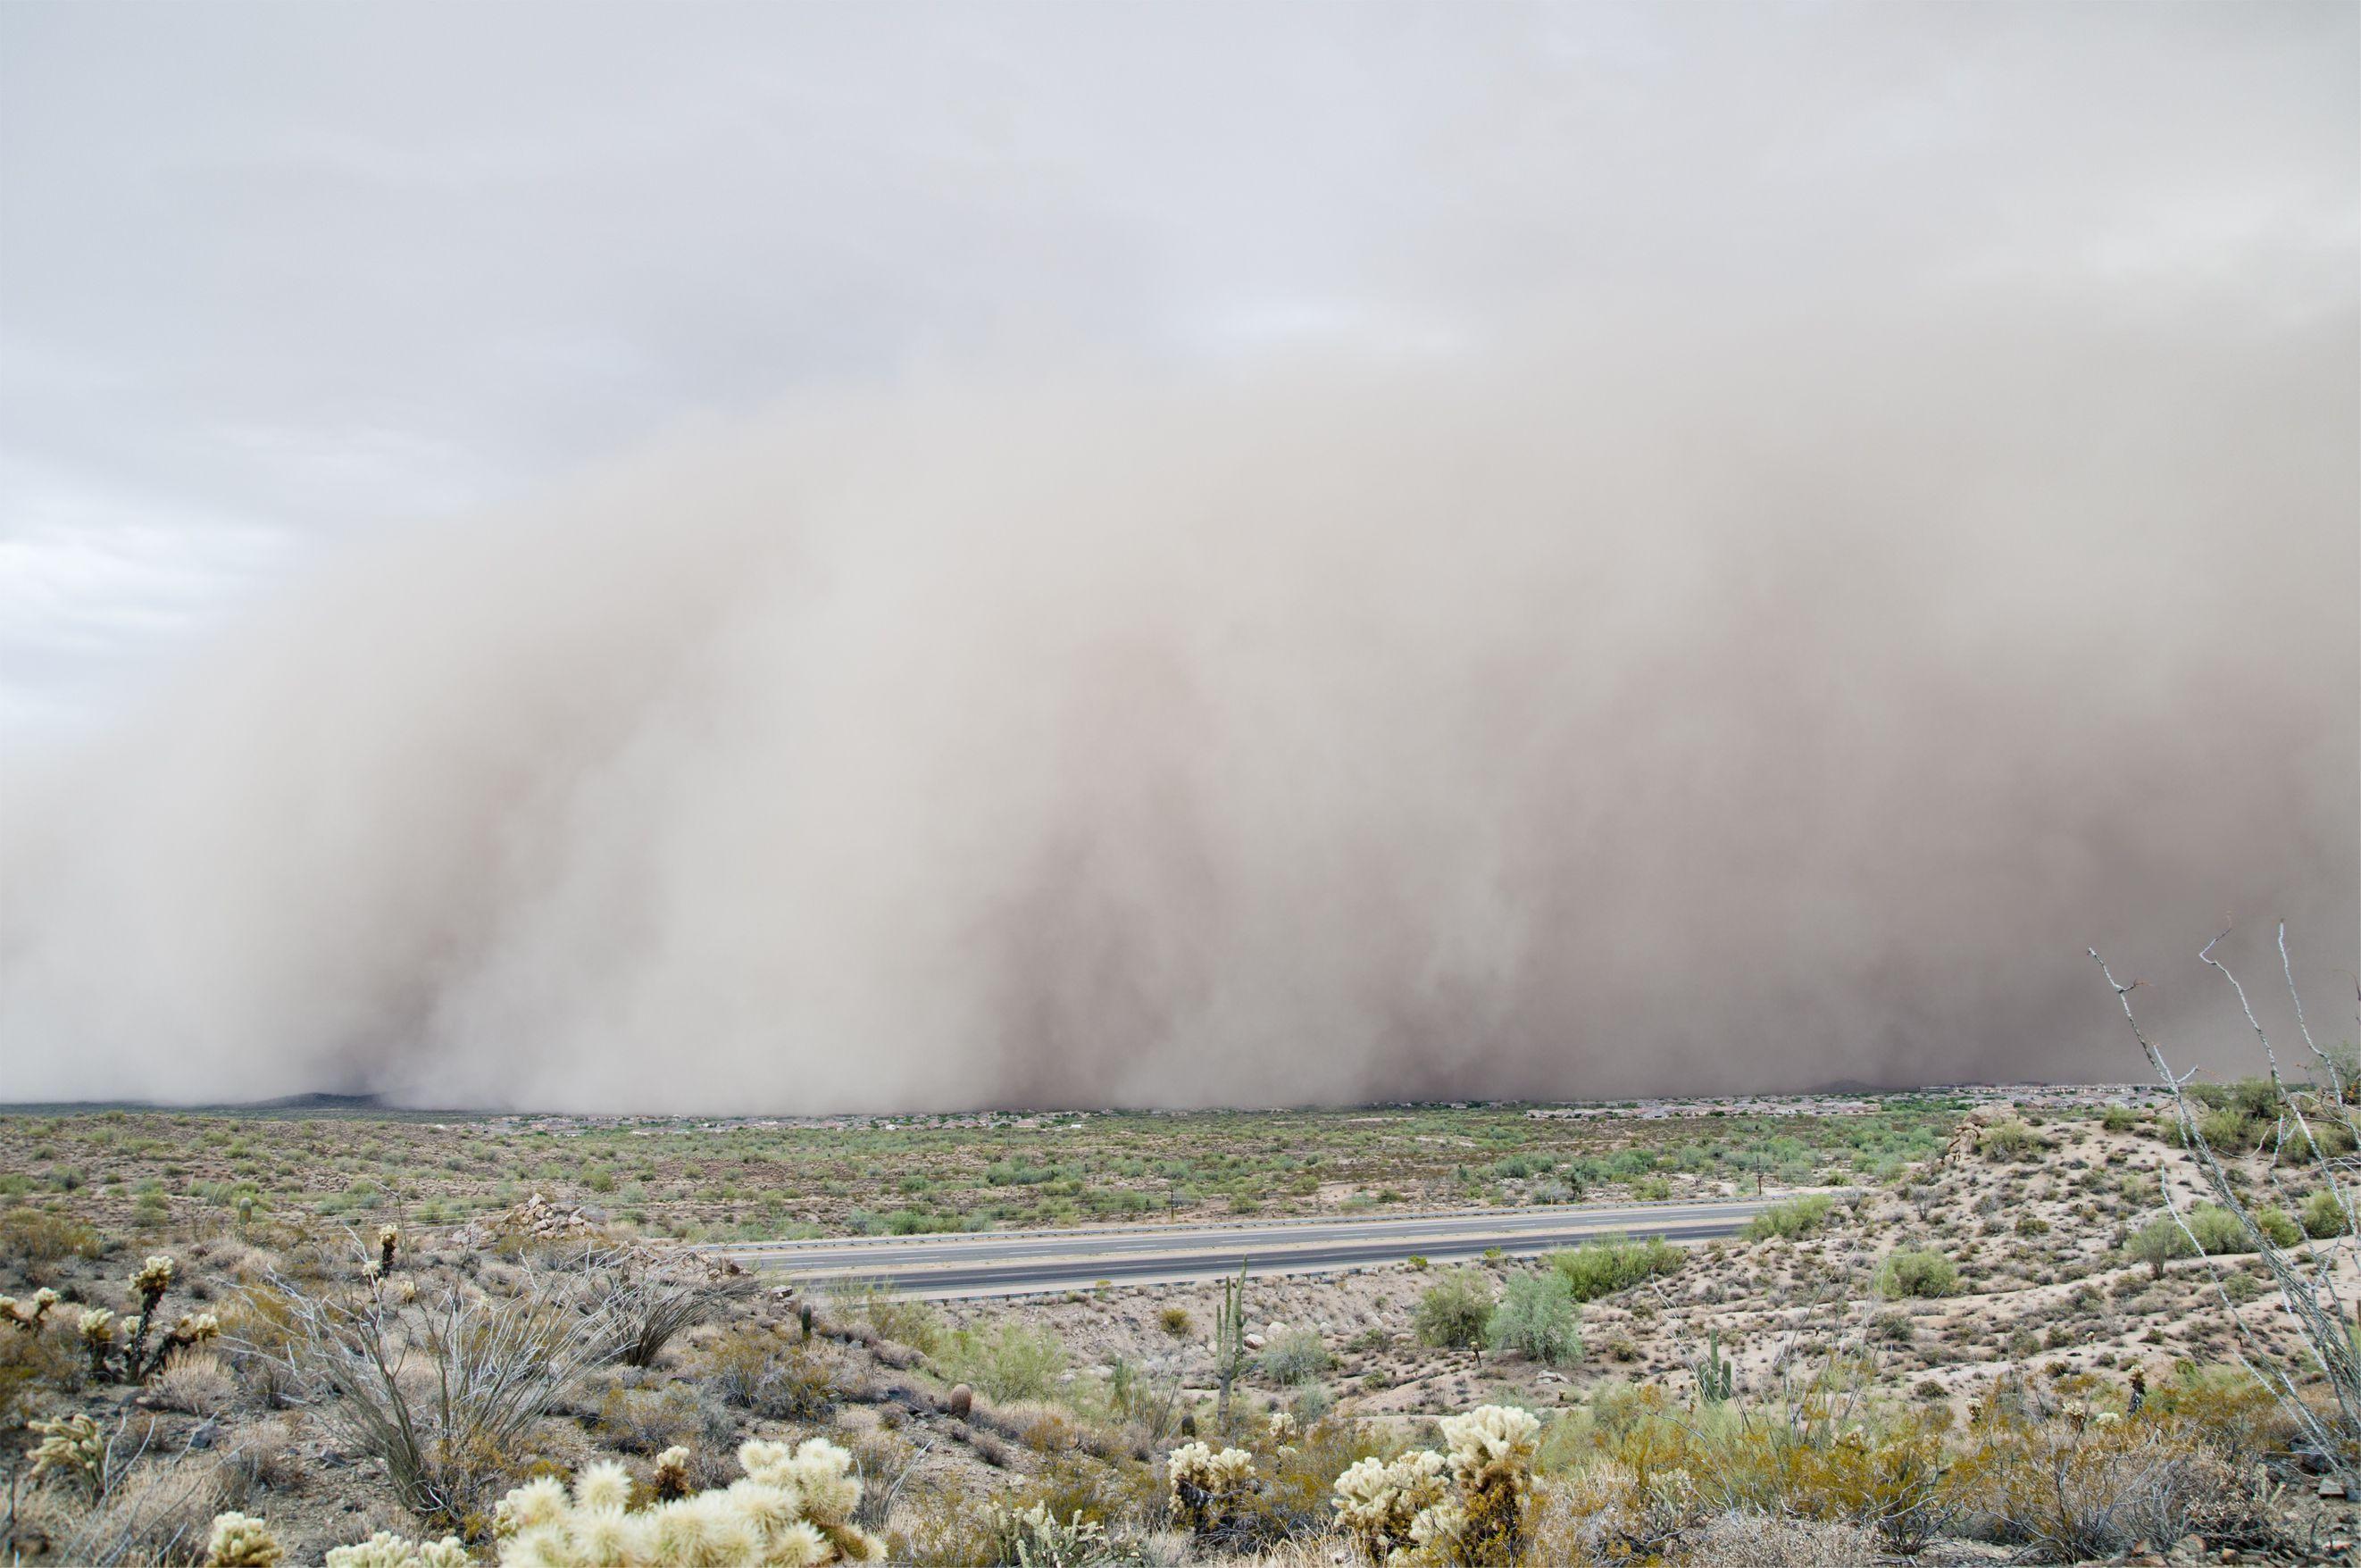 Common Allergies in Phoenix